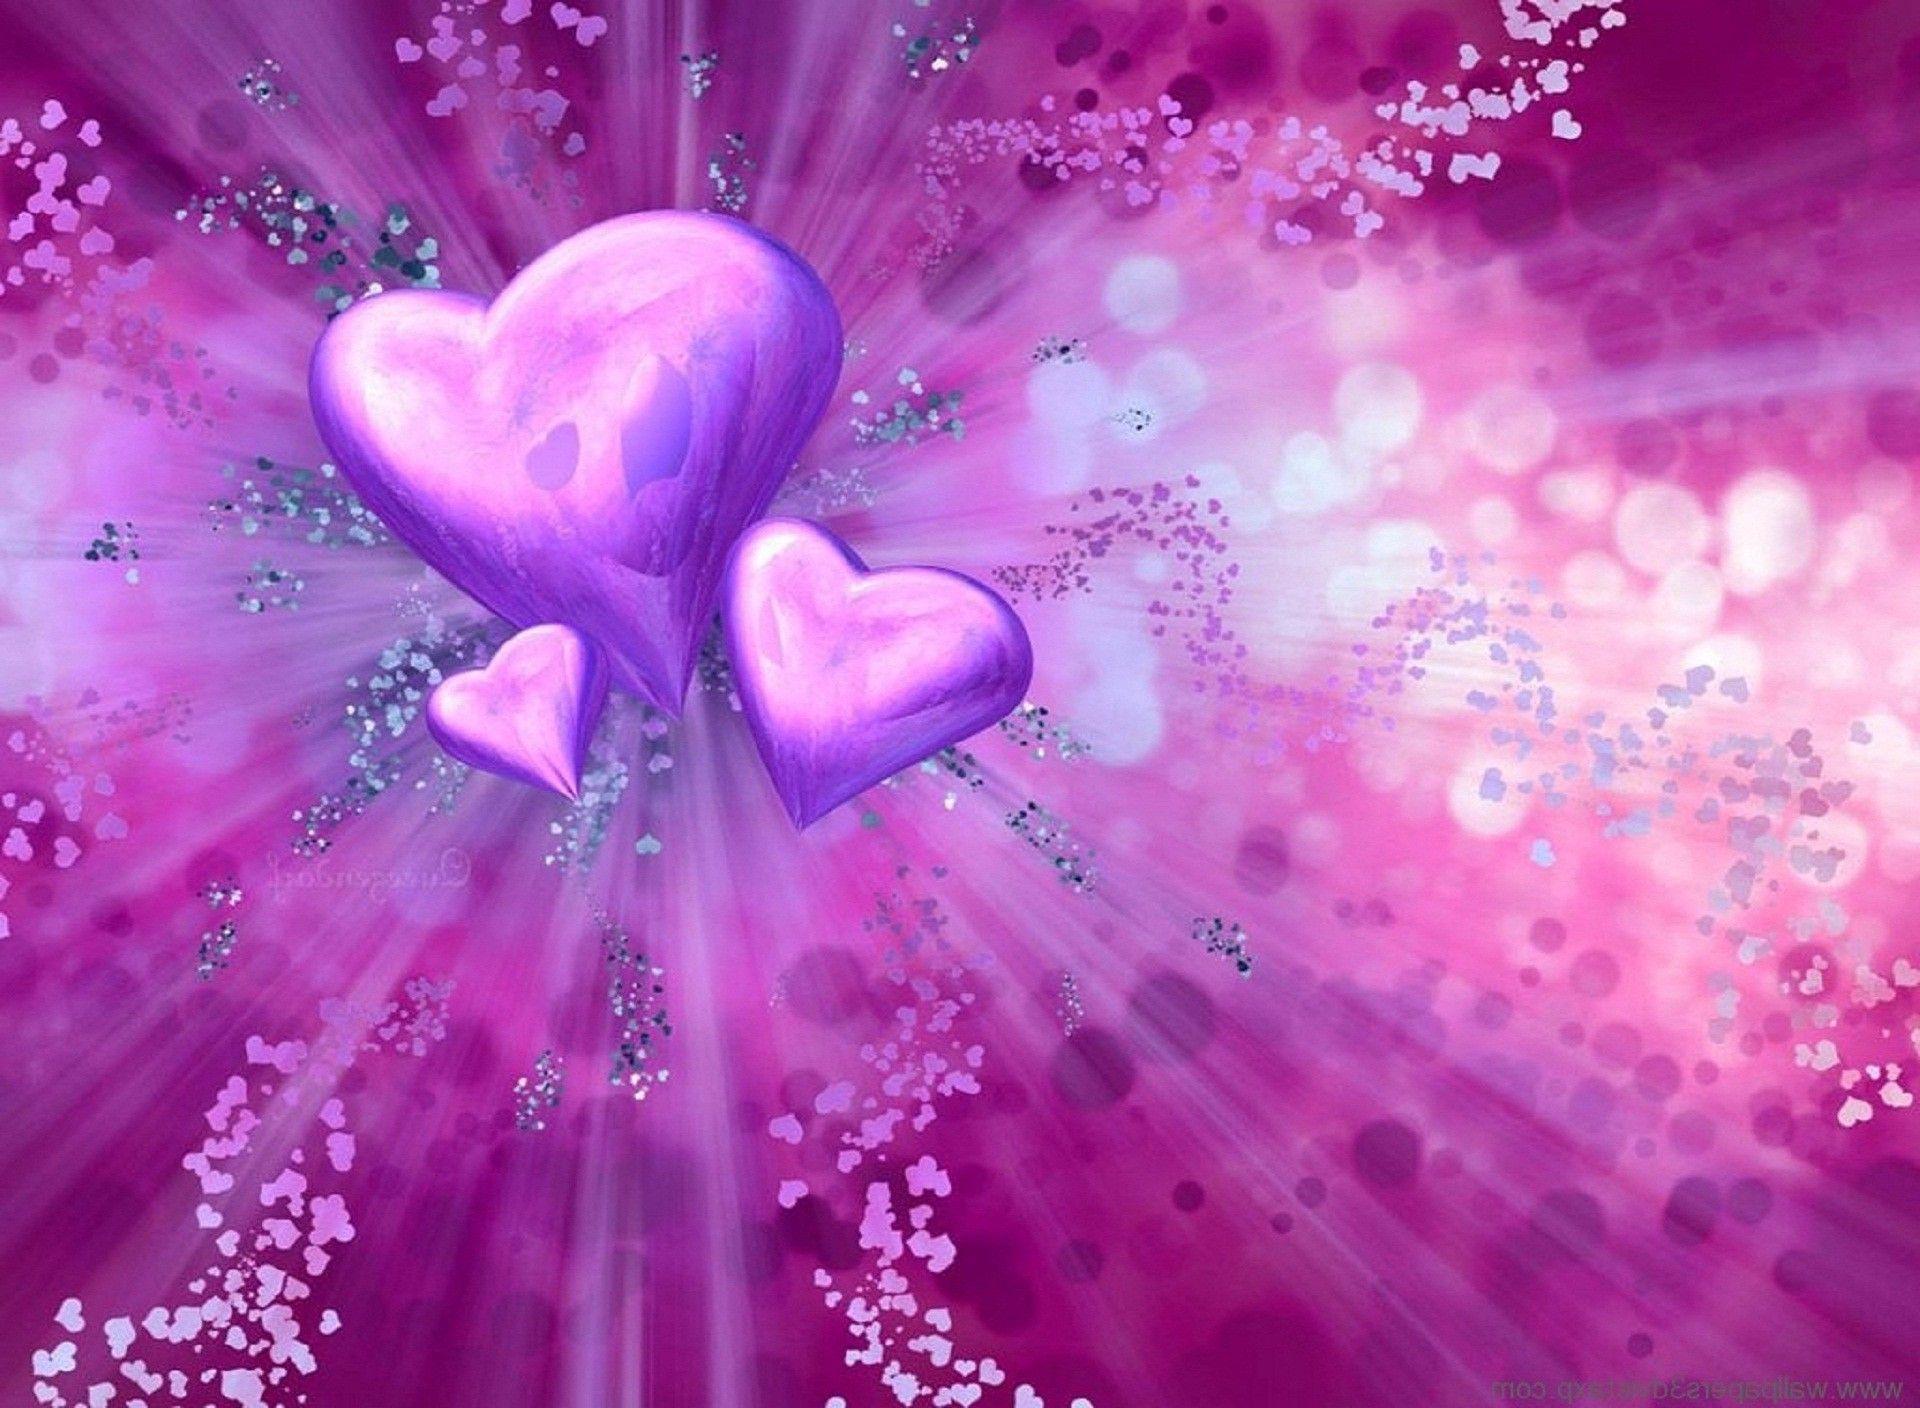 tải hình nền 3d về tình yêu